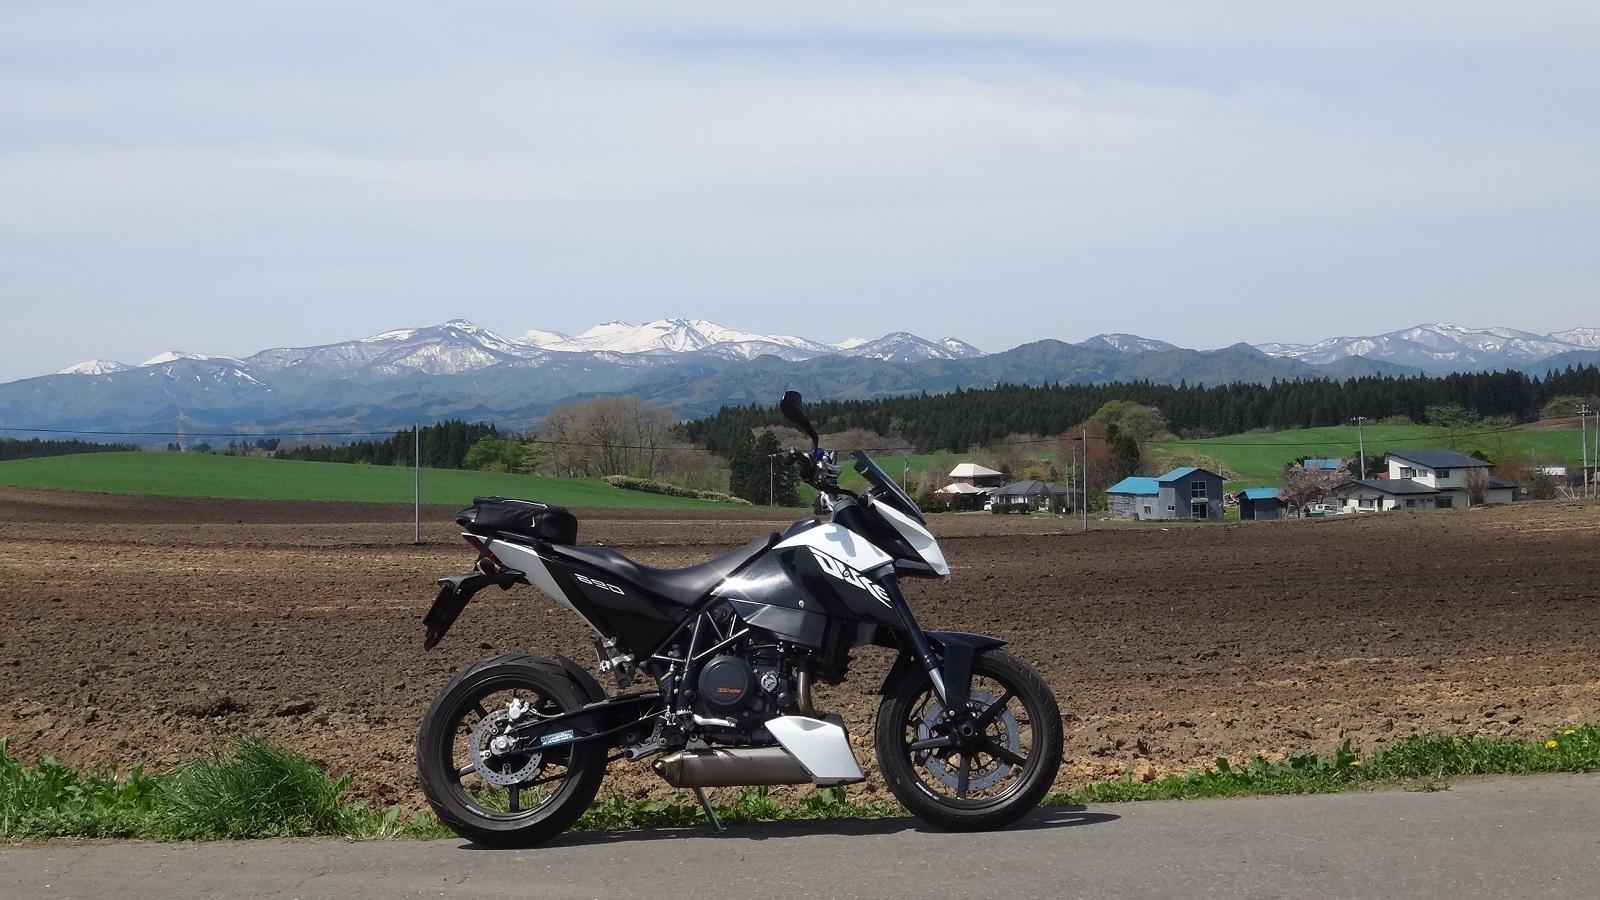 今年の初八甲田山 with 690Duke それから Gerhon 3+_f0004270_21401450.jpg